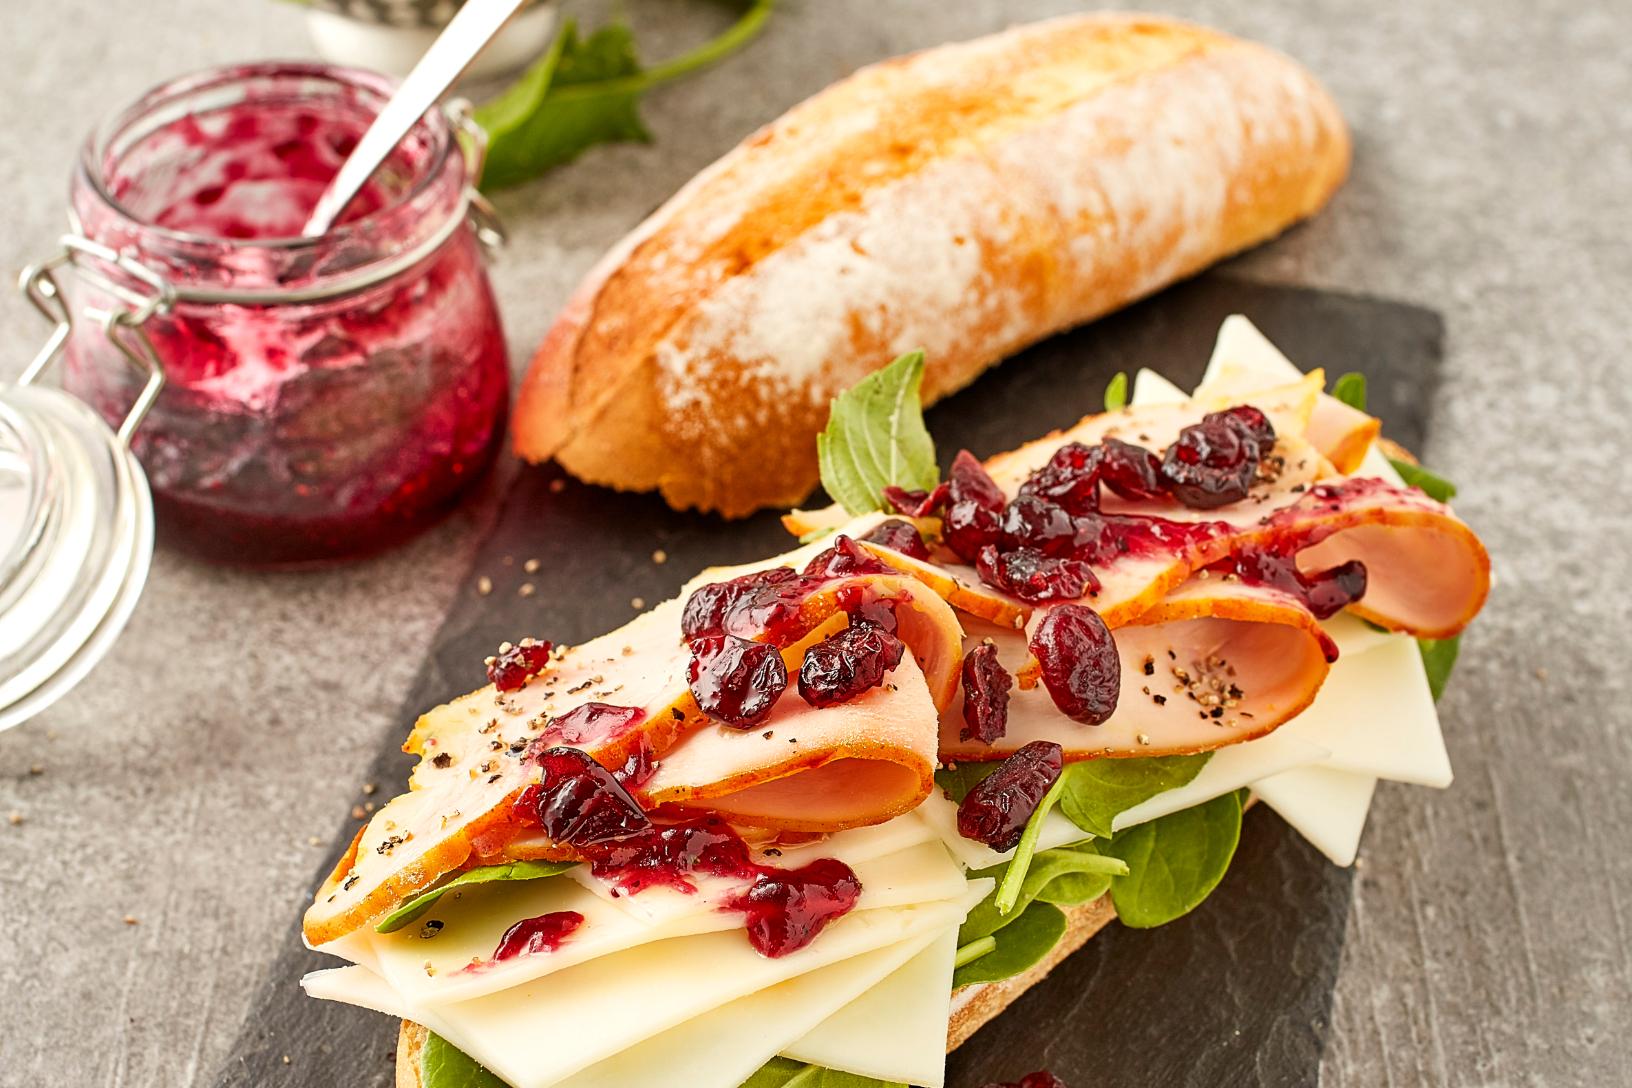 خبز الباجيت الفرنسي بالديك الرومي, التوت البري والجبن